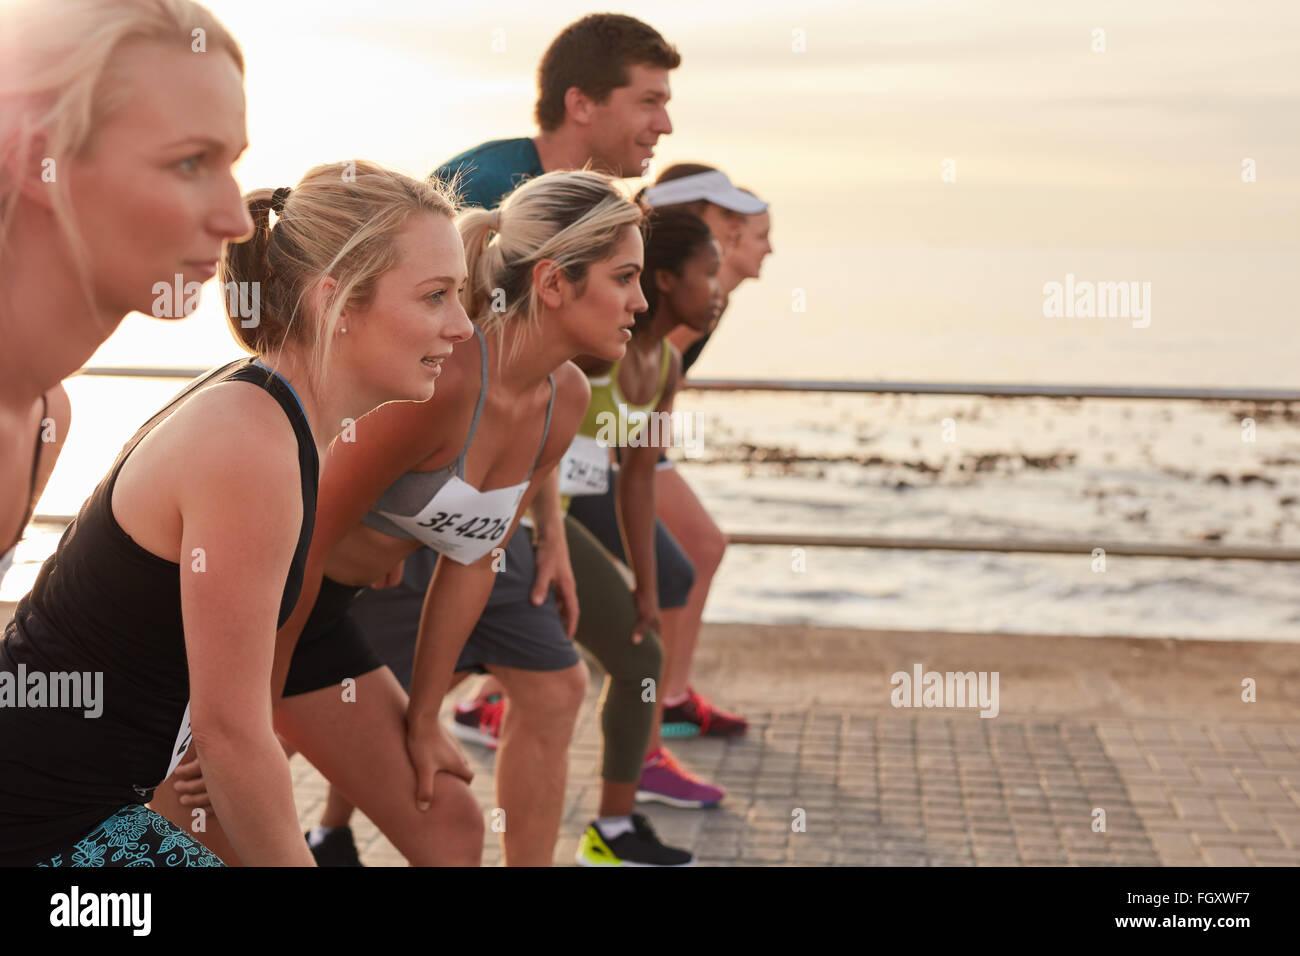 Porteur debout sur la ligne au départ d'une course. Groupe de jeunes de la formation pour le marathon course sur Banque D'Images